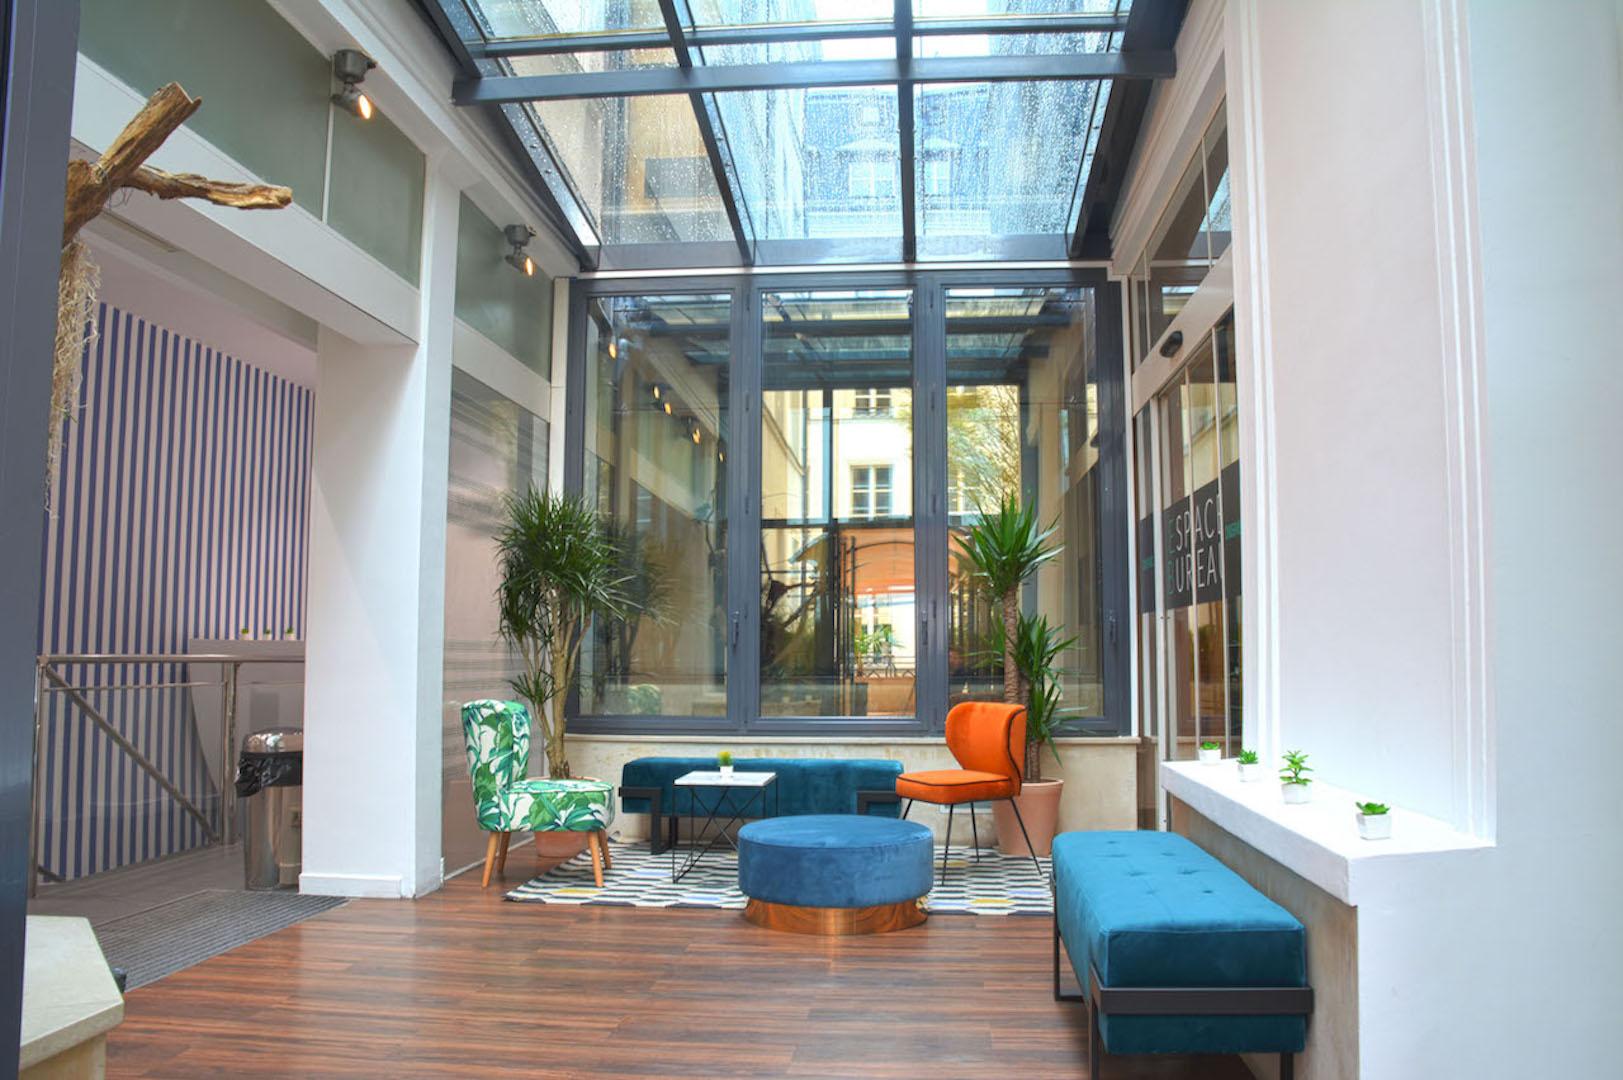 espace de détente avec fauteuil confortable et coloré et une ambiance chaleureuse avec fenêtre au plafond donnant vue sur le ciel et plantes vertes à Paris